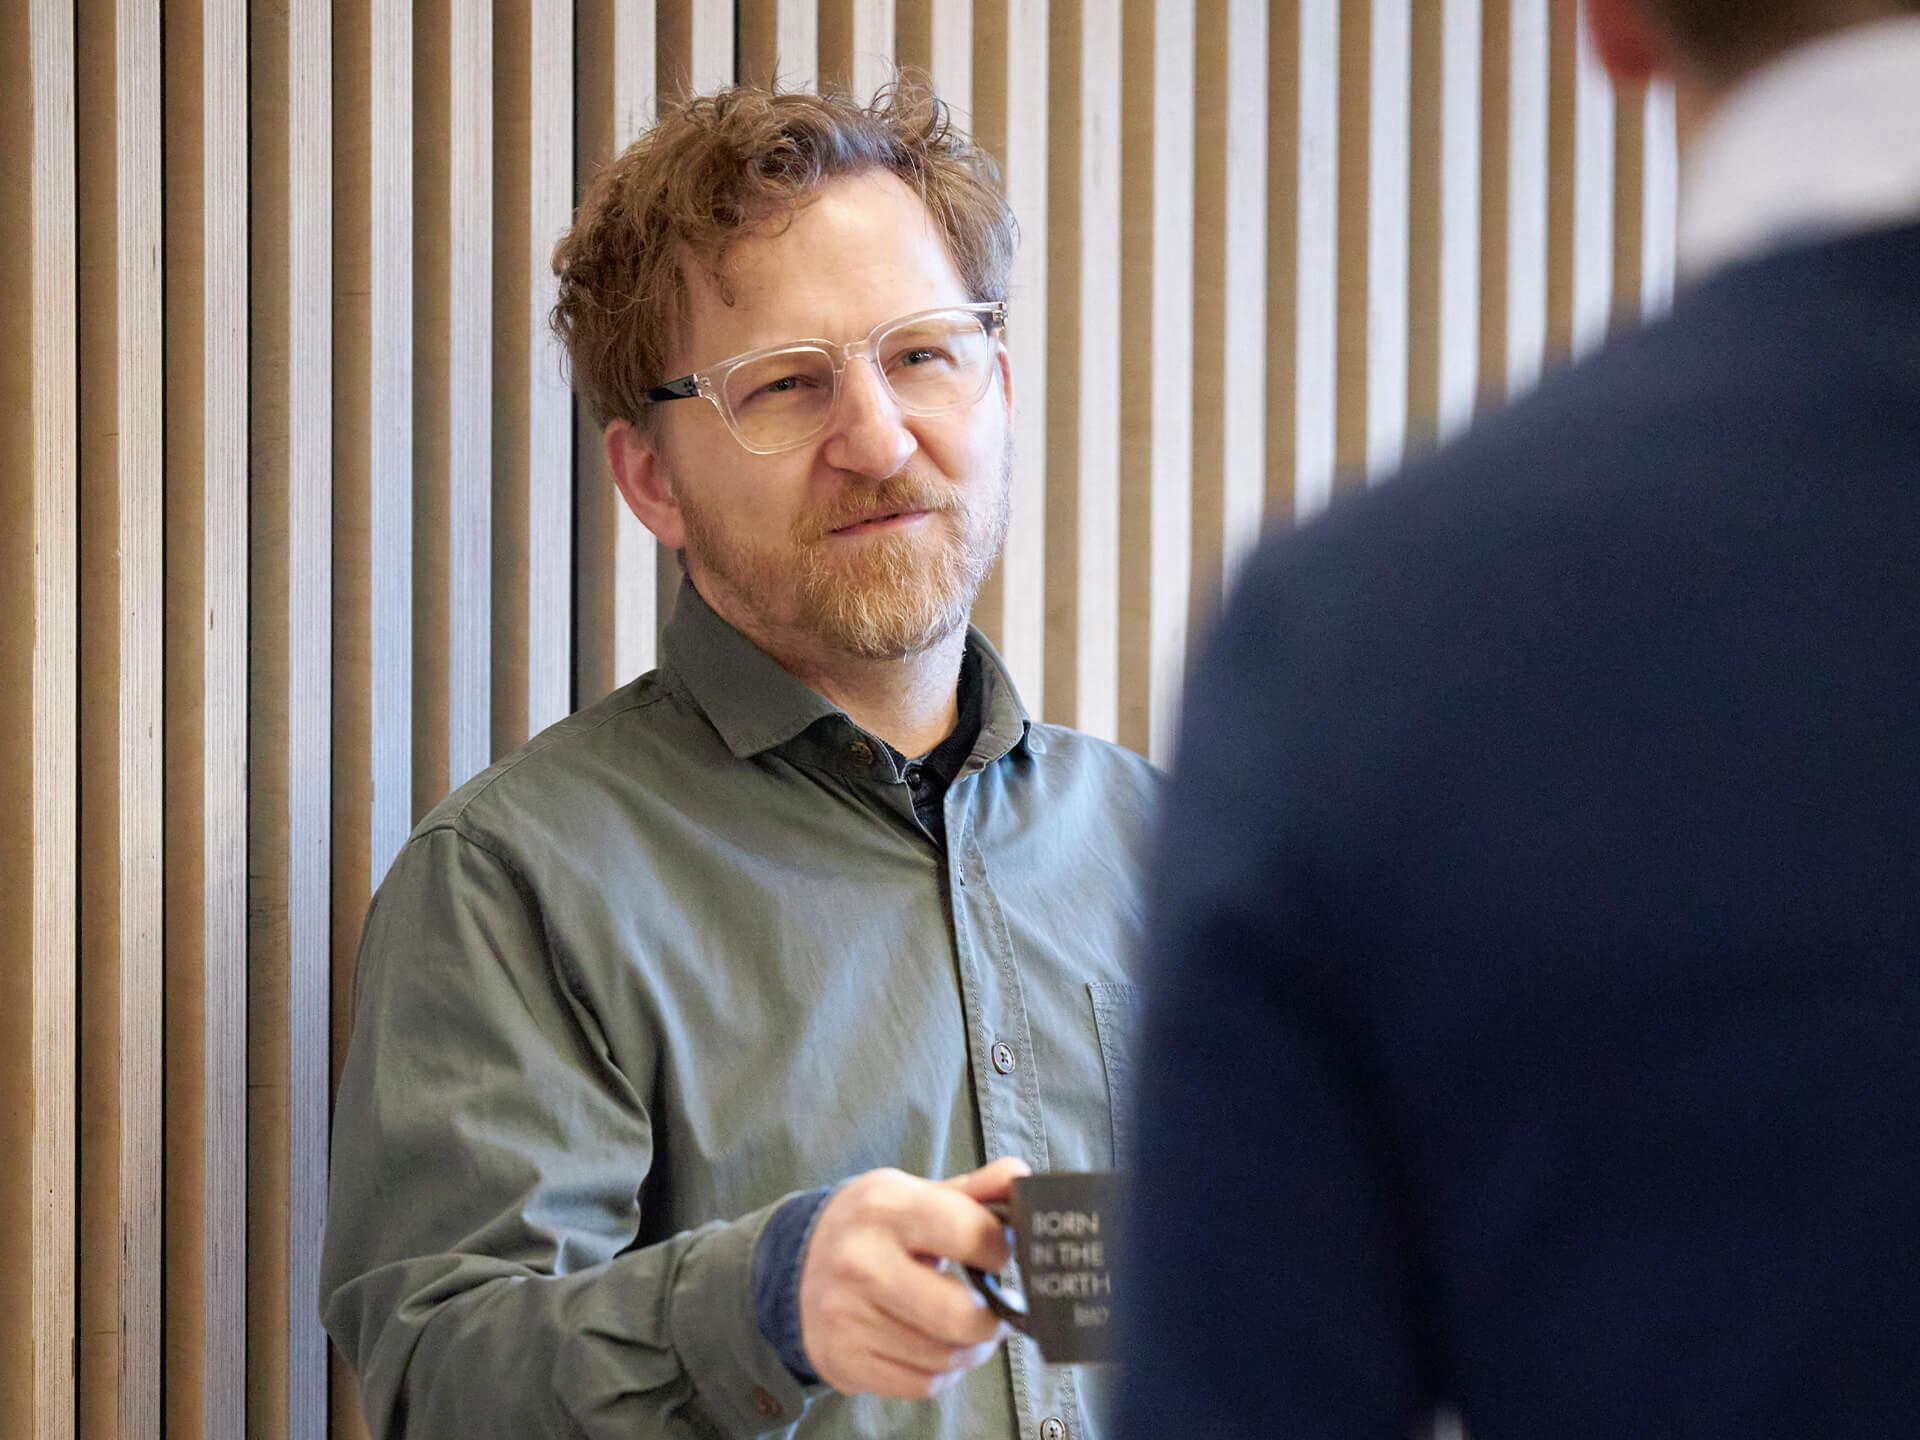 Karl Ágúst Guðmundsson